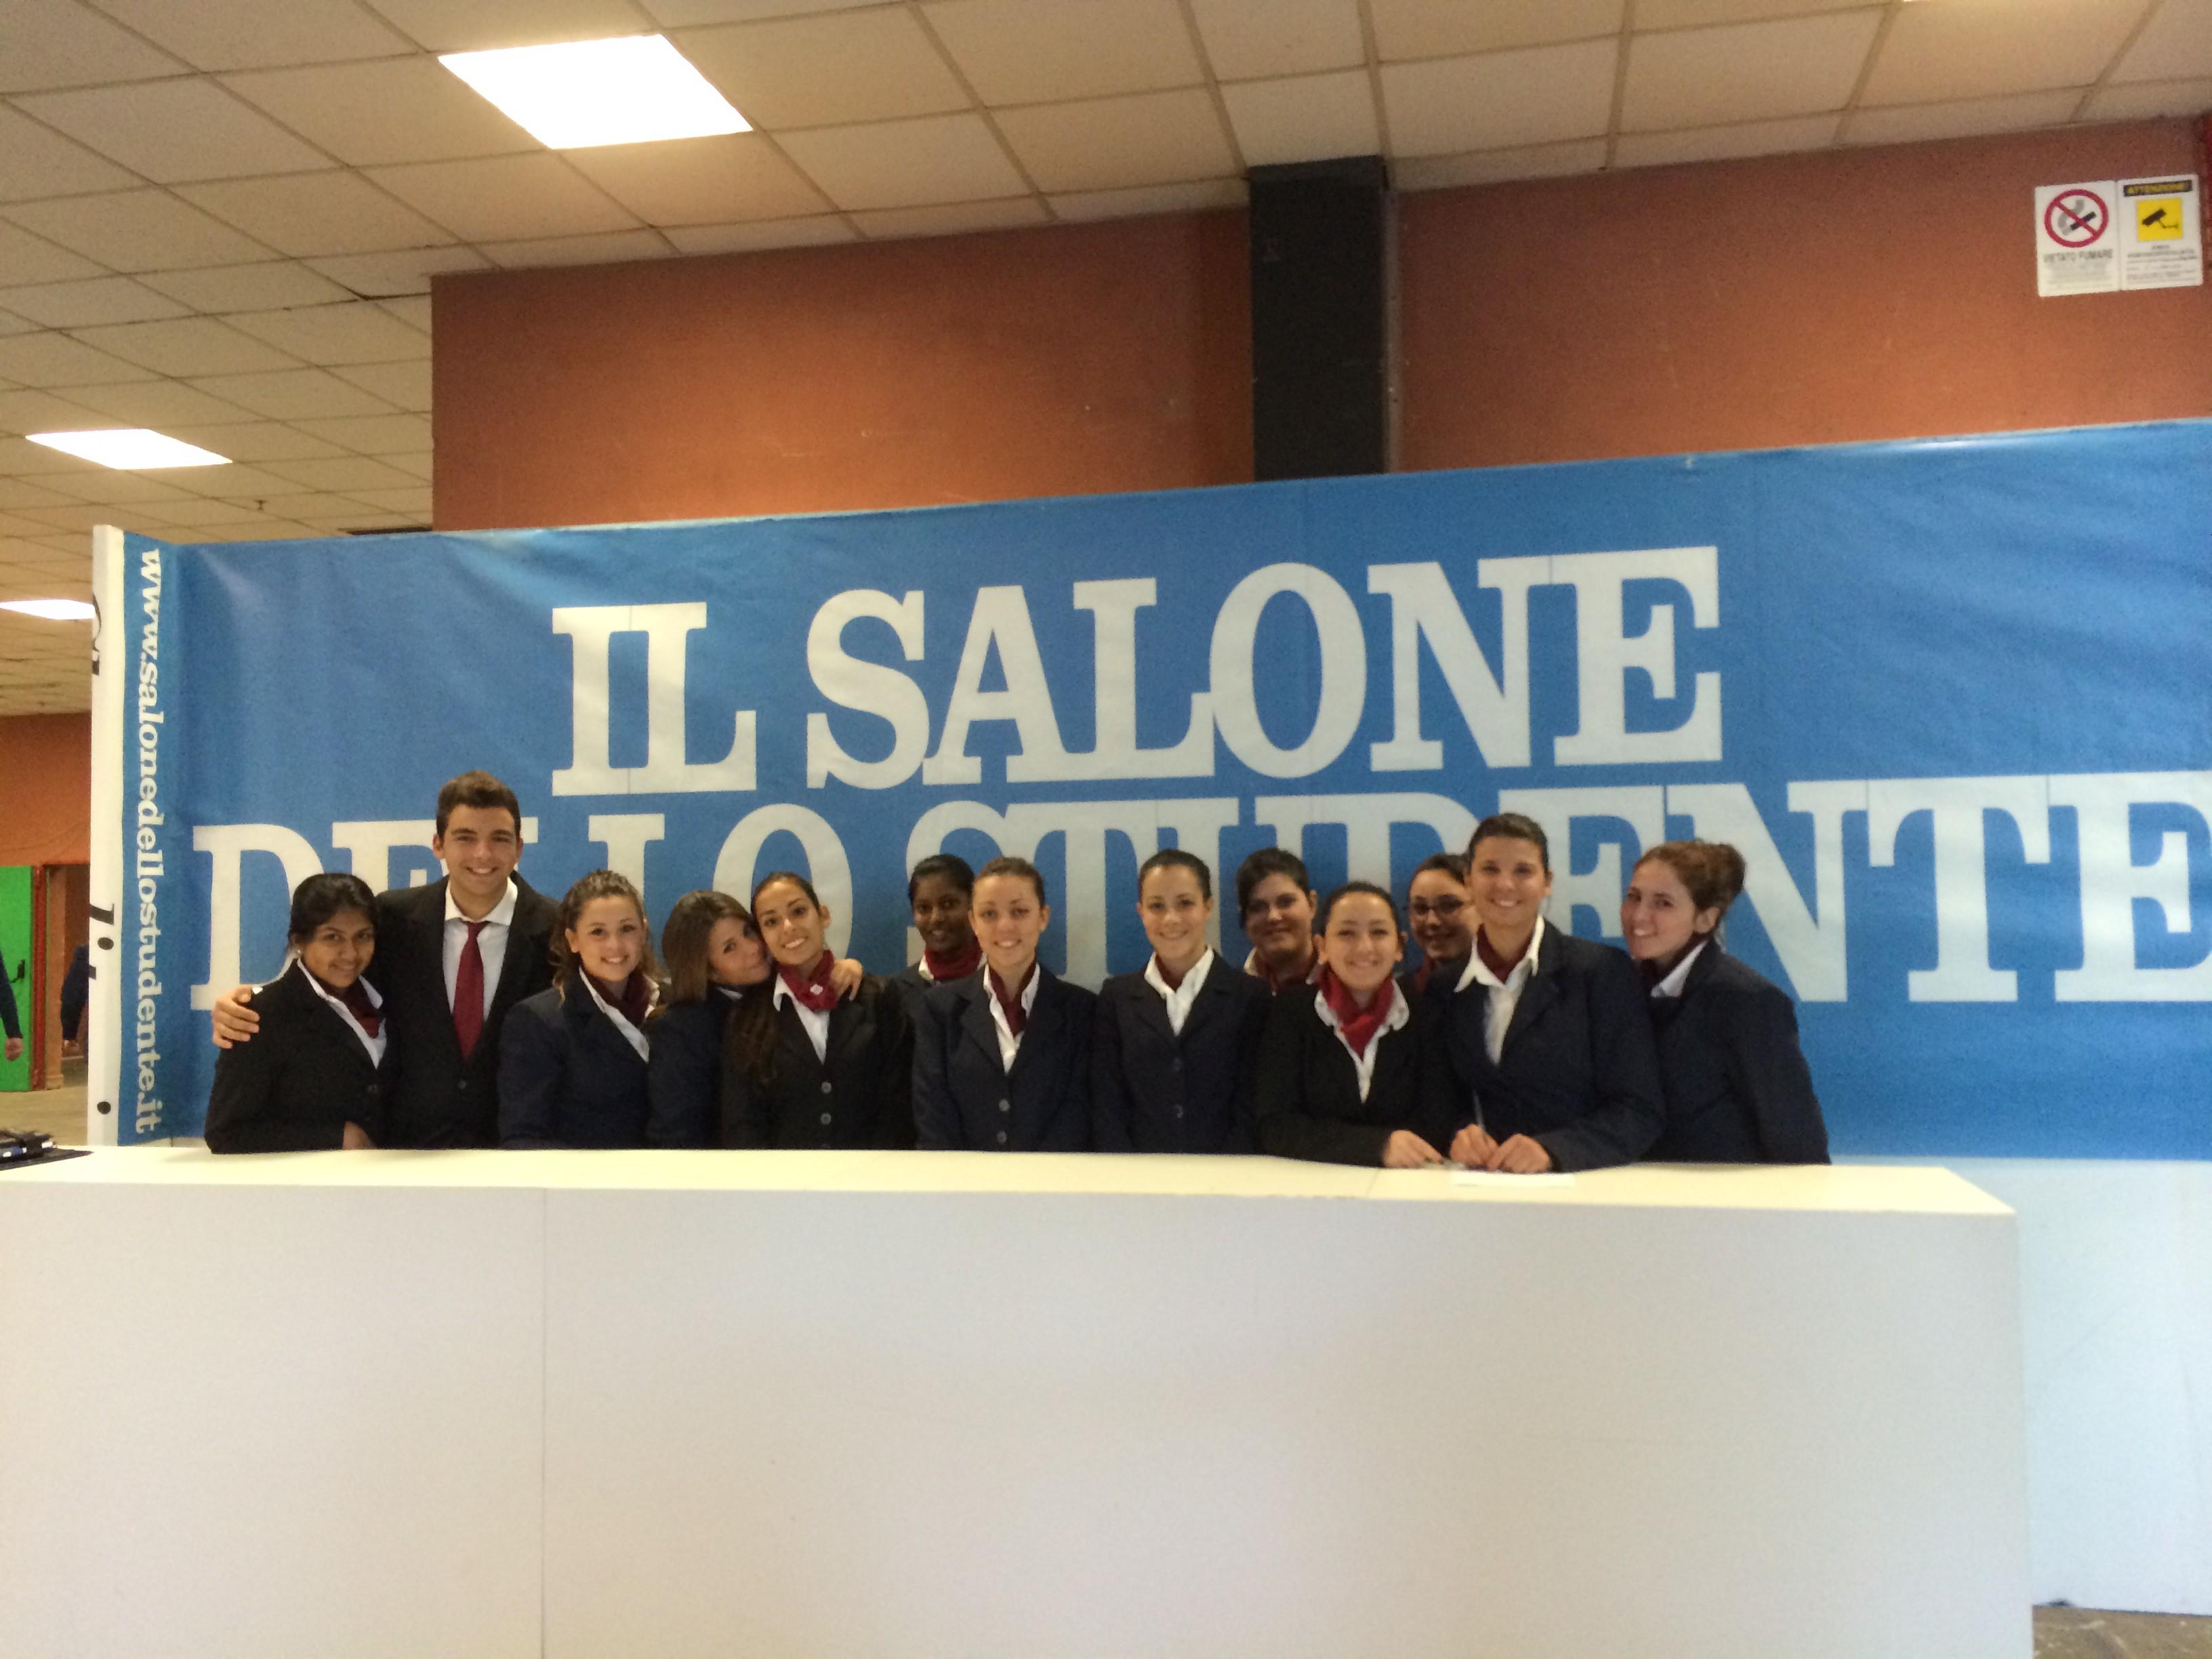 Dal Salone dello Studente di Catania nuove opportunità nella formazione alberghiera